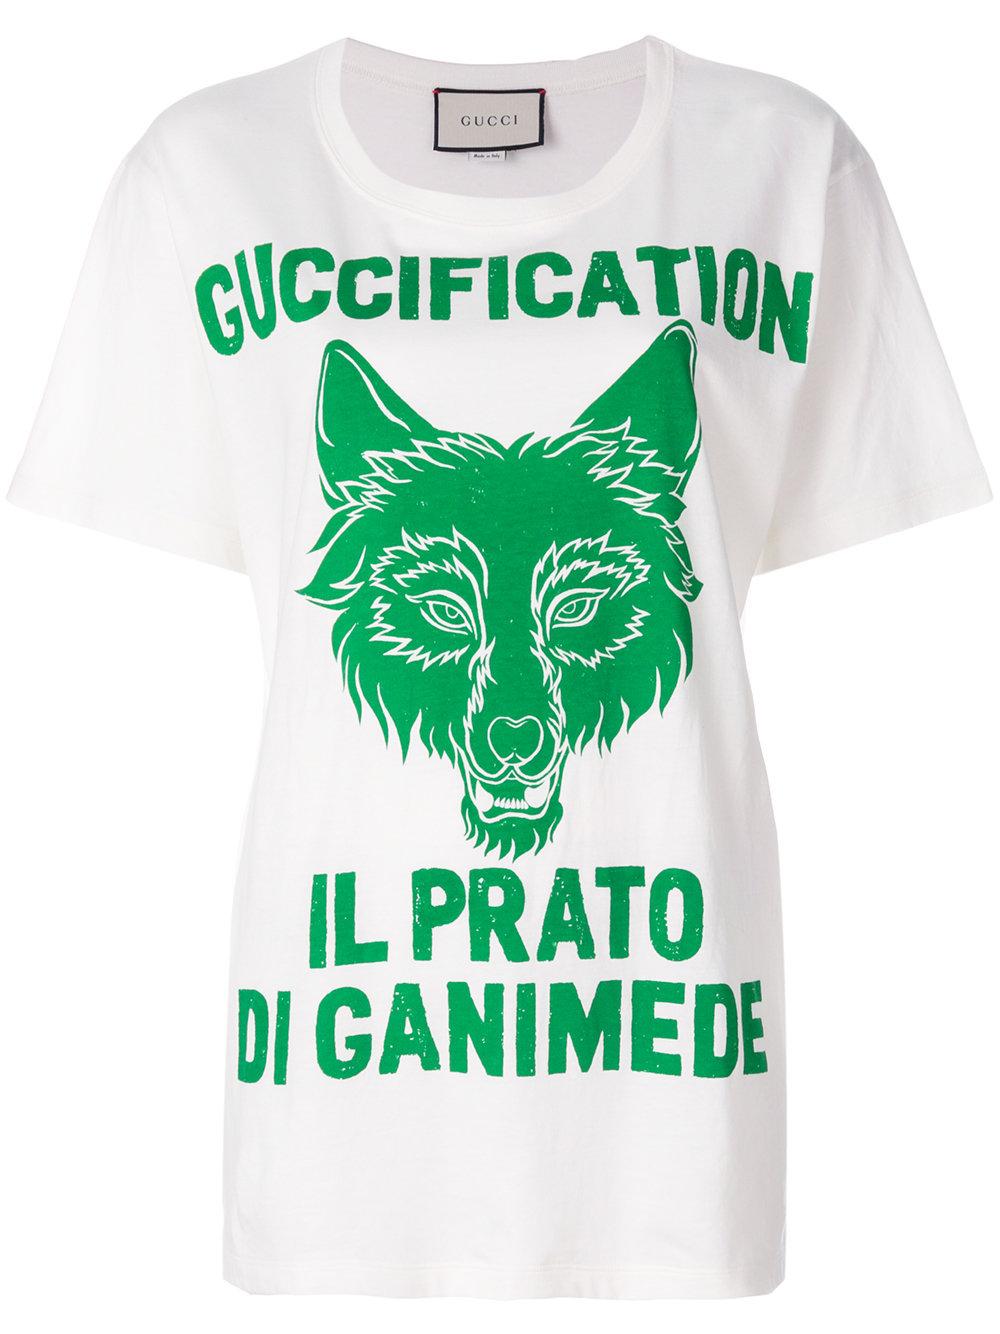 c42c4eda7 Gucci Il Prato di Ganimede Guccification print T-shirt - White ...